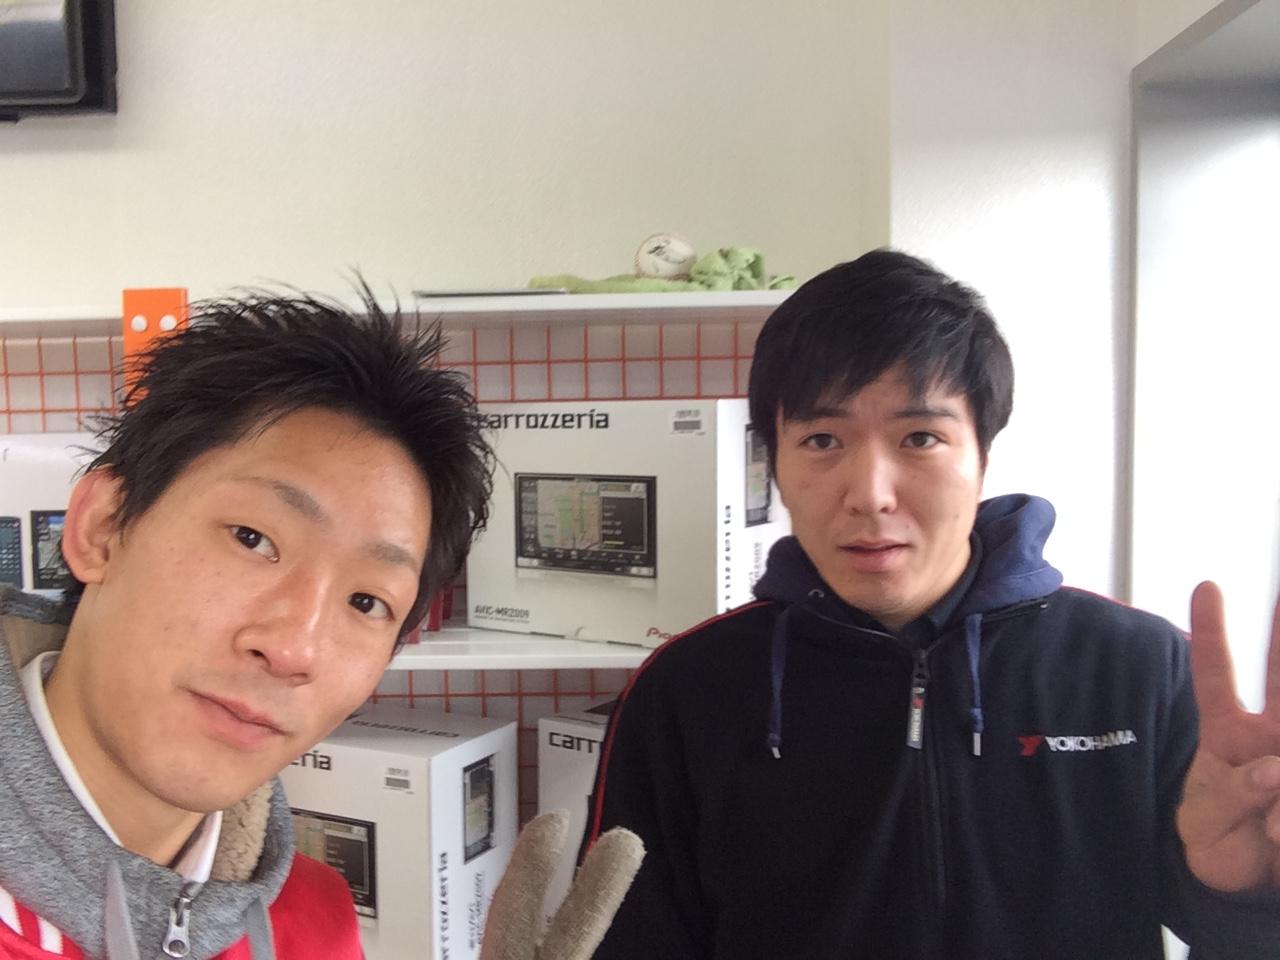 11月7日(金)トミーアウトレット☆グッチーブログ☆軽自動車・_b0127002_20245159.jpg